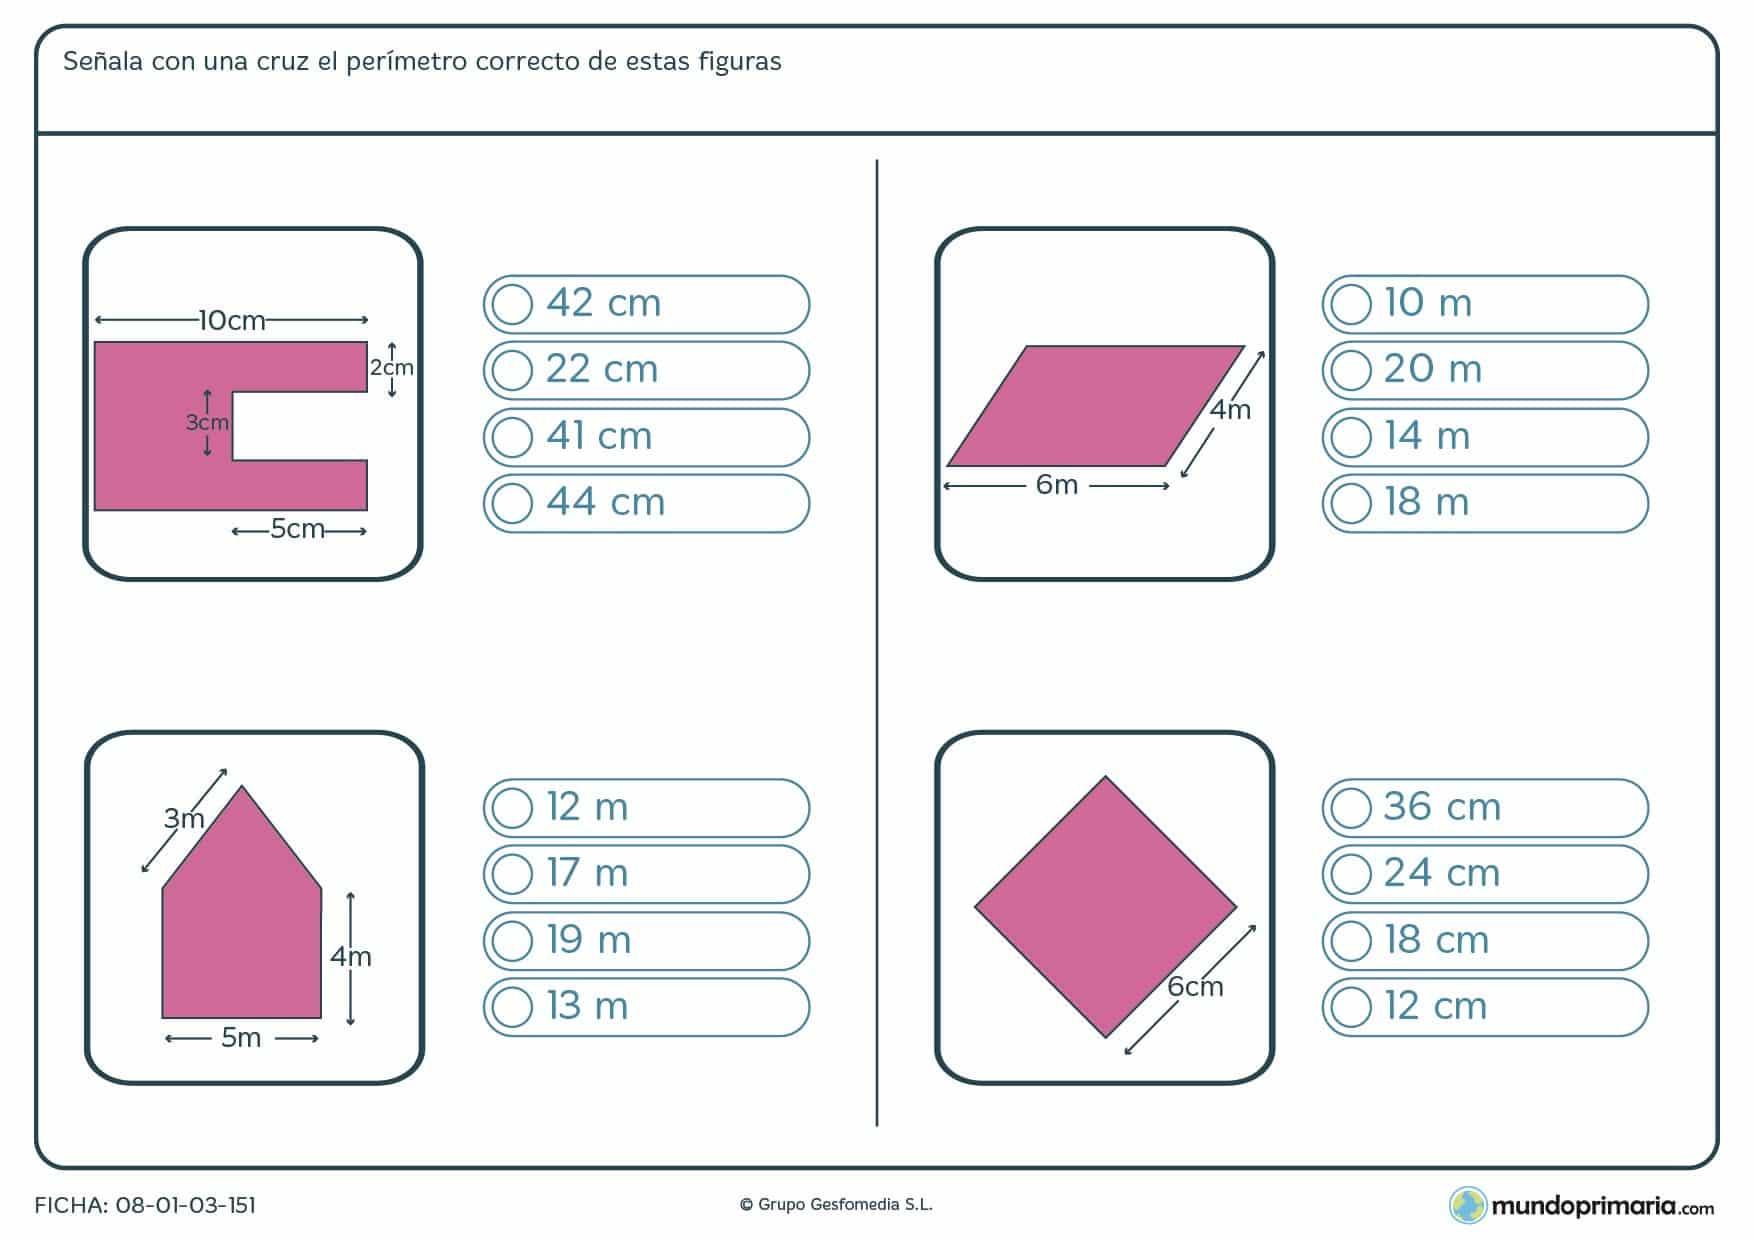 Ficha del perímetro correcto partiendo de varios datos con los que hallaras el resultado final.